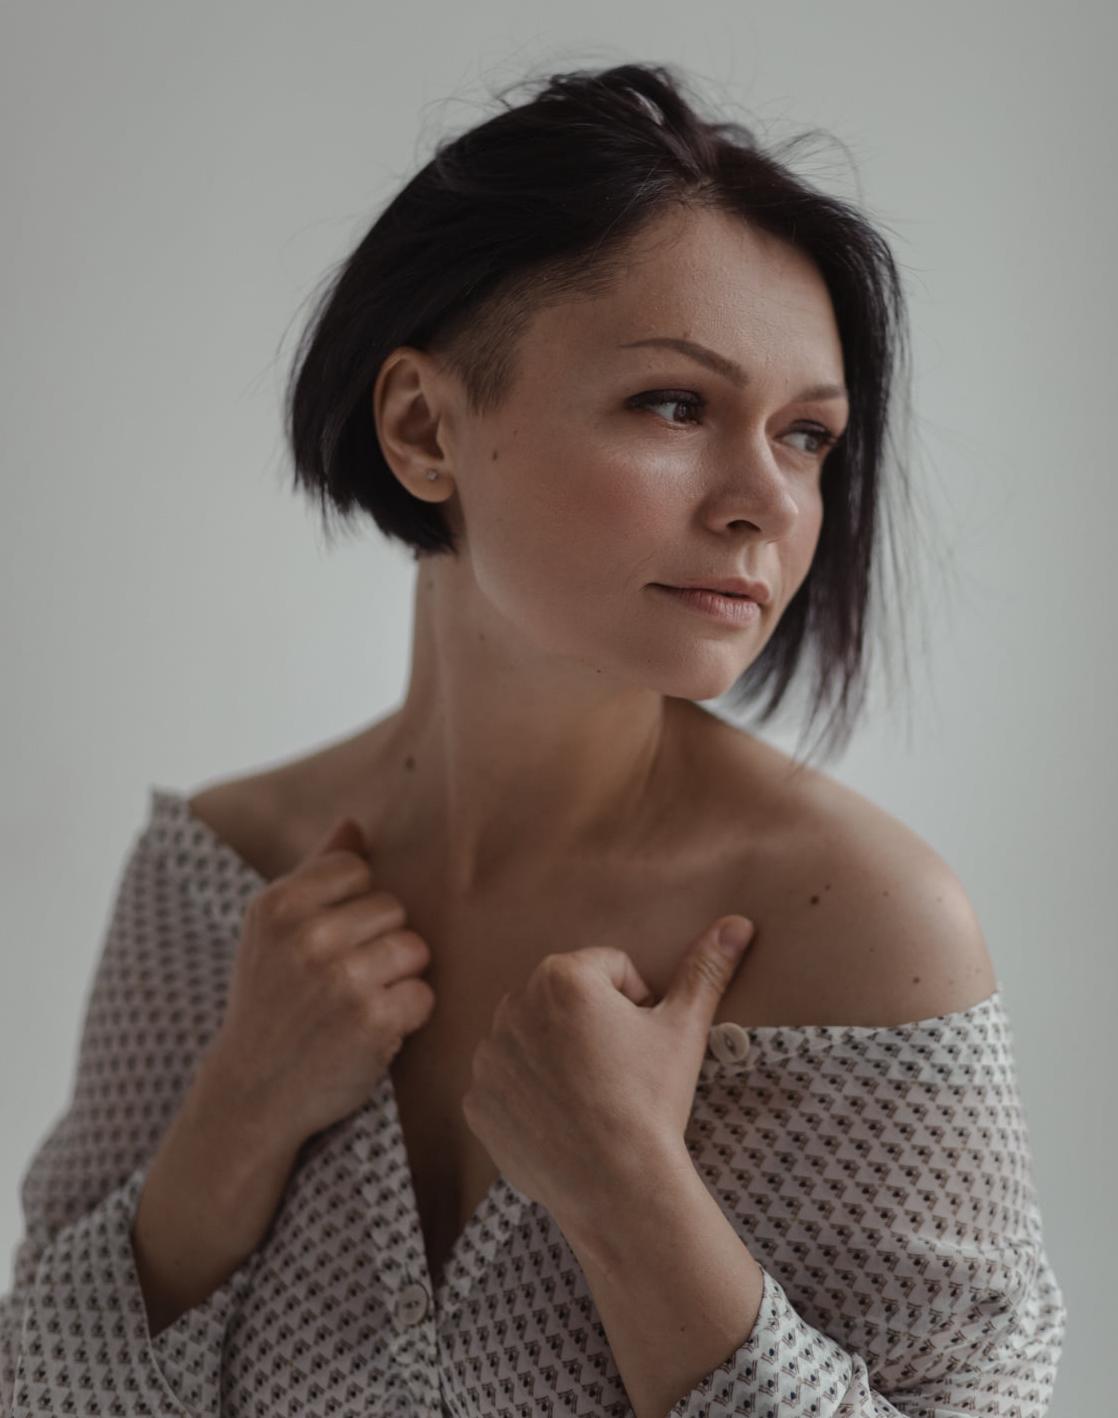 Марианна Бойко, эксперт по экологичным и устойчивым привычкам